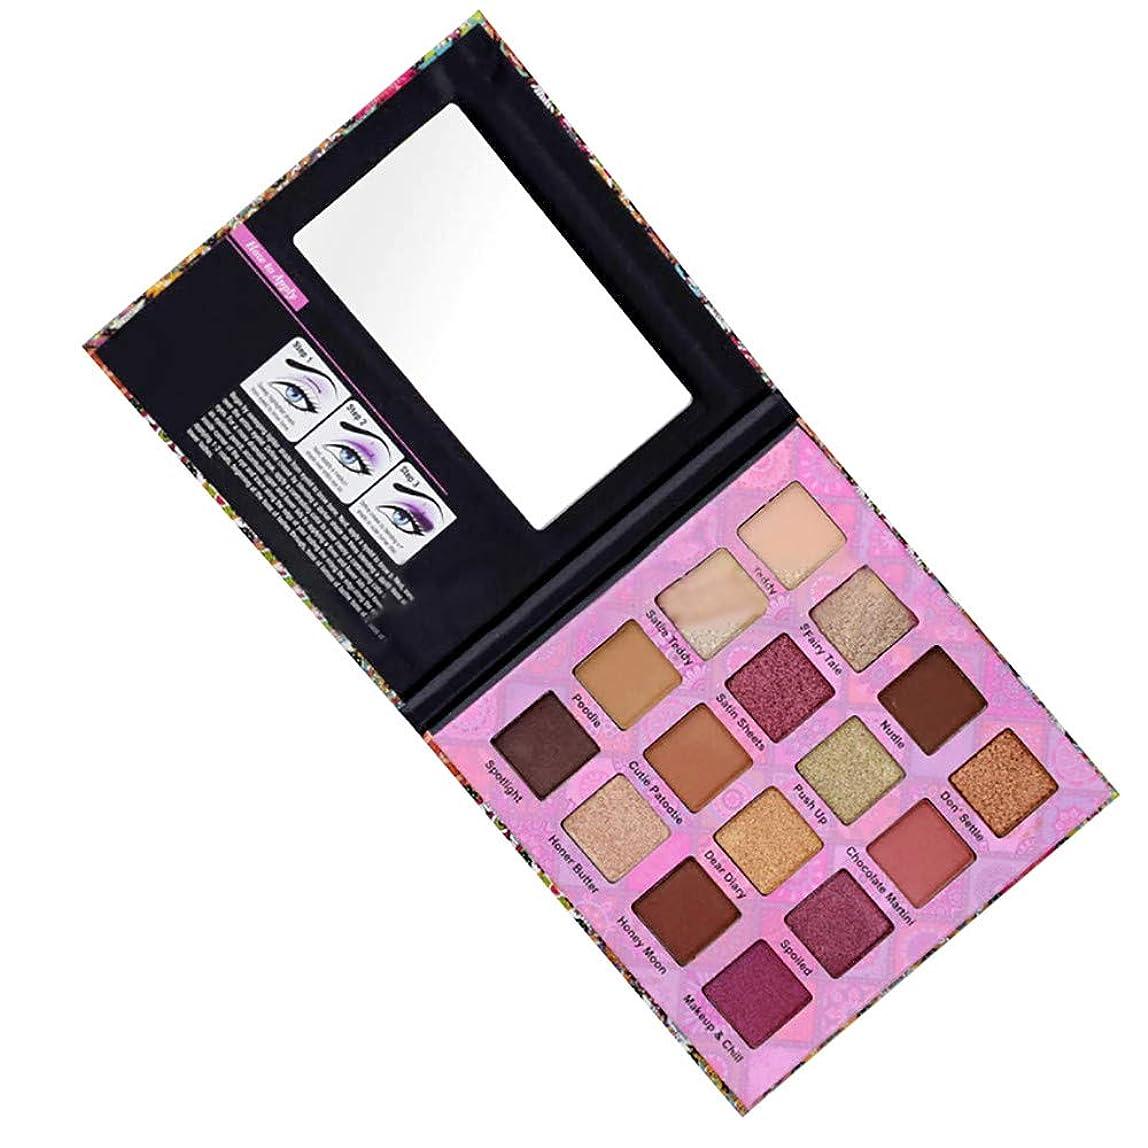 あたたかいイブニング上流の16色のきらめきのきらめきのアイシャドウの粉のマットのアイシャドウの化粧品の構造